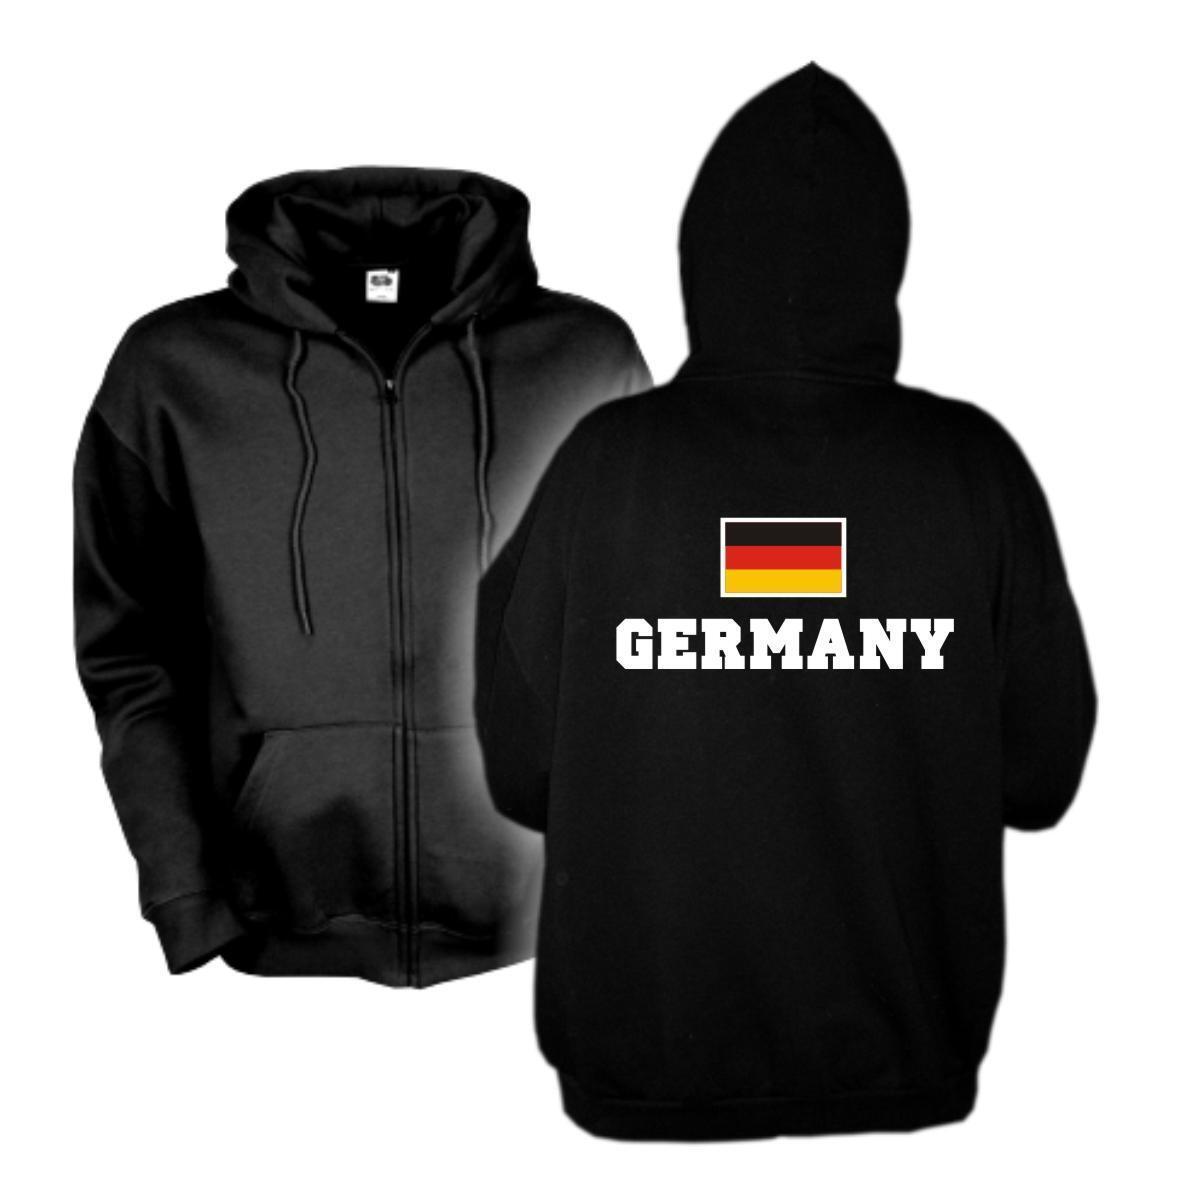 Kapuzenjacke GERMANY Flagshirt Zip Hoodie Fan Sweatjacke S-6XL (WMS02-02e)